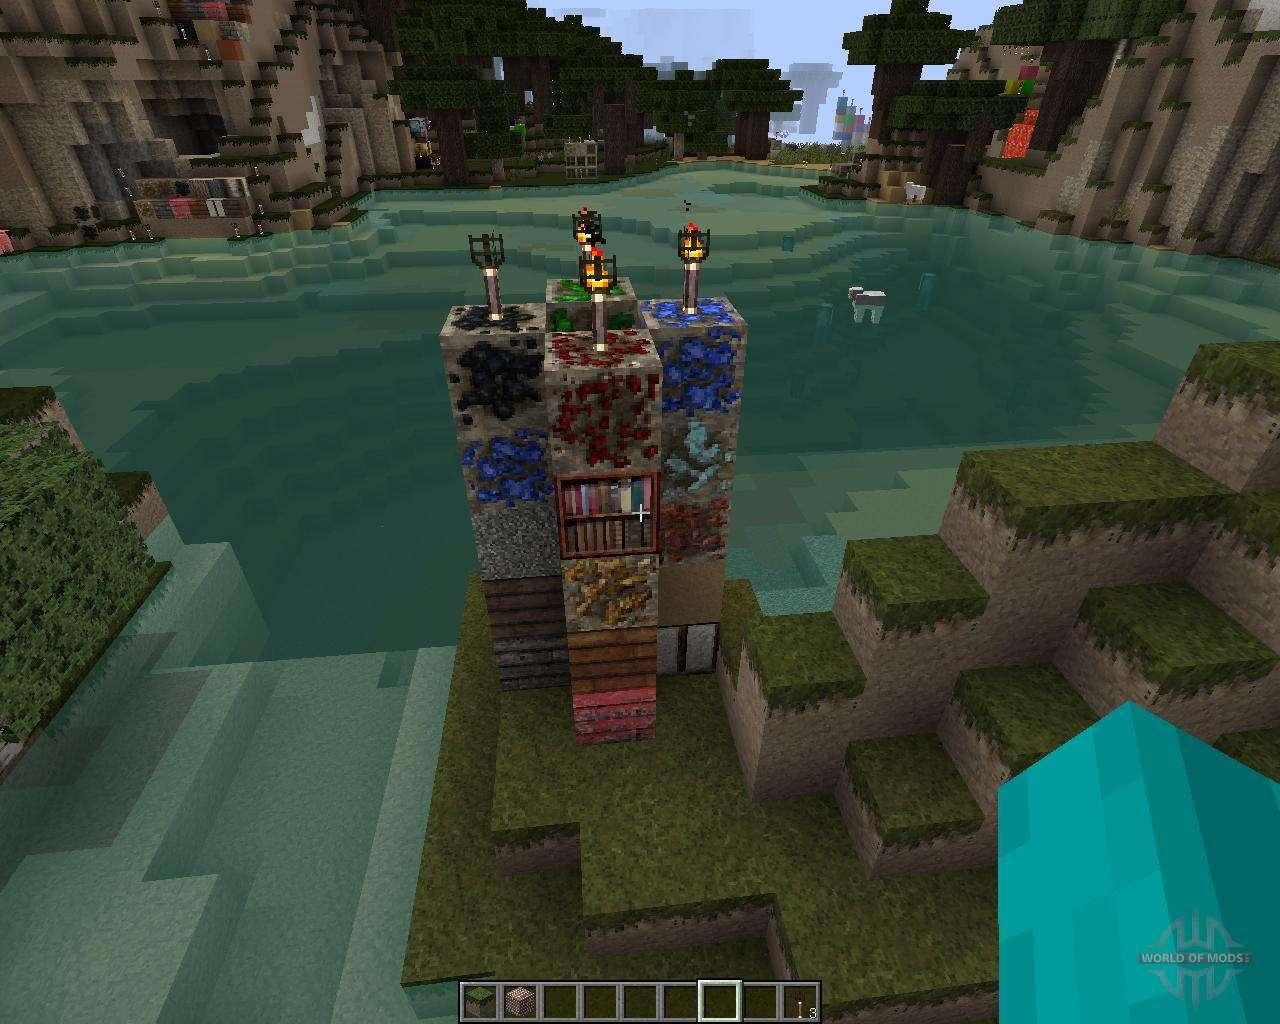 Скачать текстуры для Майнкрафт 1.8 - ресурс-паки Minecraft 1.8